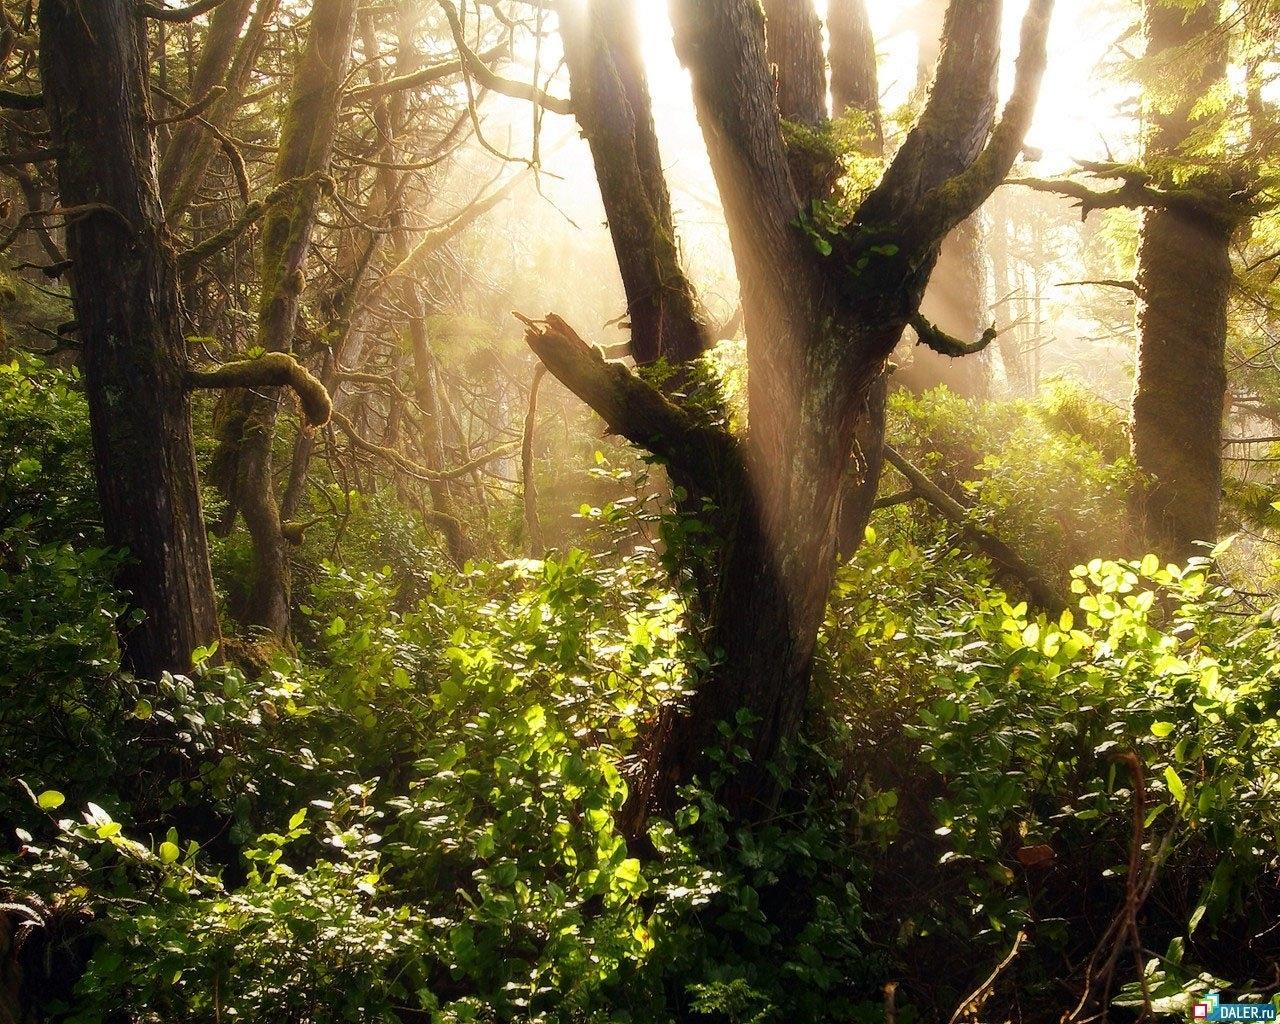 343 descargar fondo de pantalla Plantas, Paisaje, Naturaleza, Árboles: protectores de pantalla e imágenes gratis